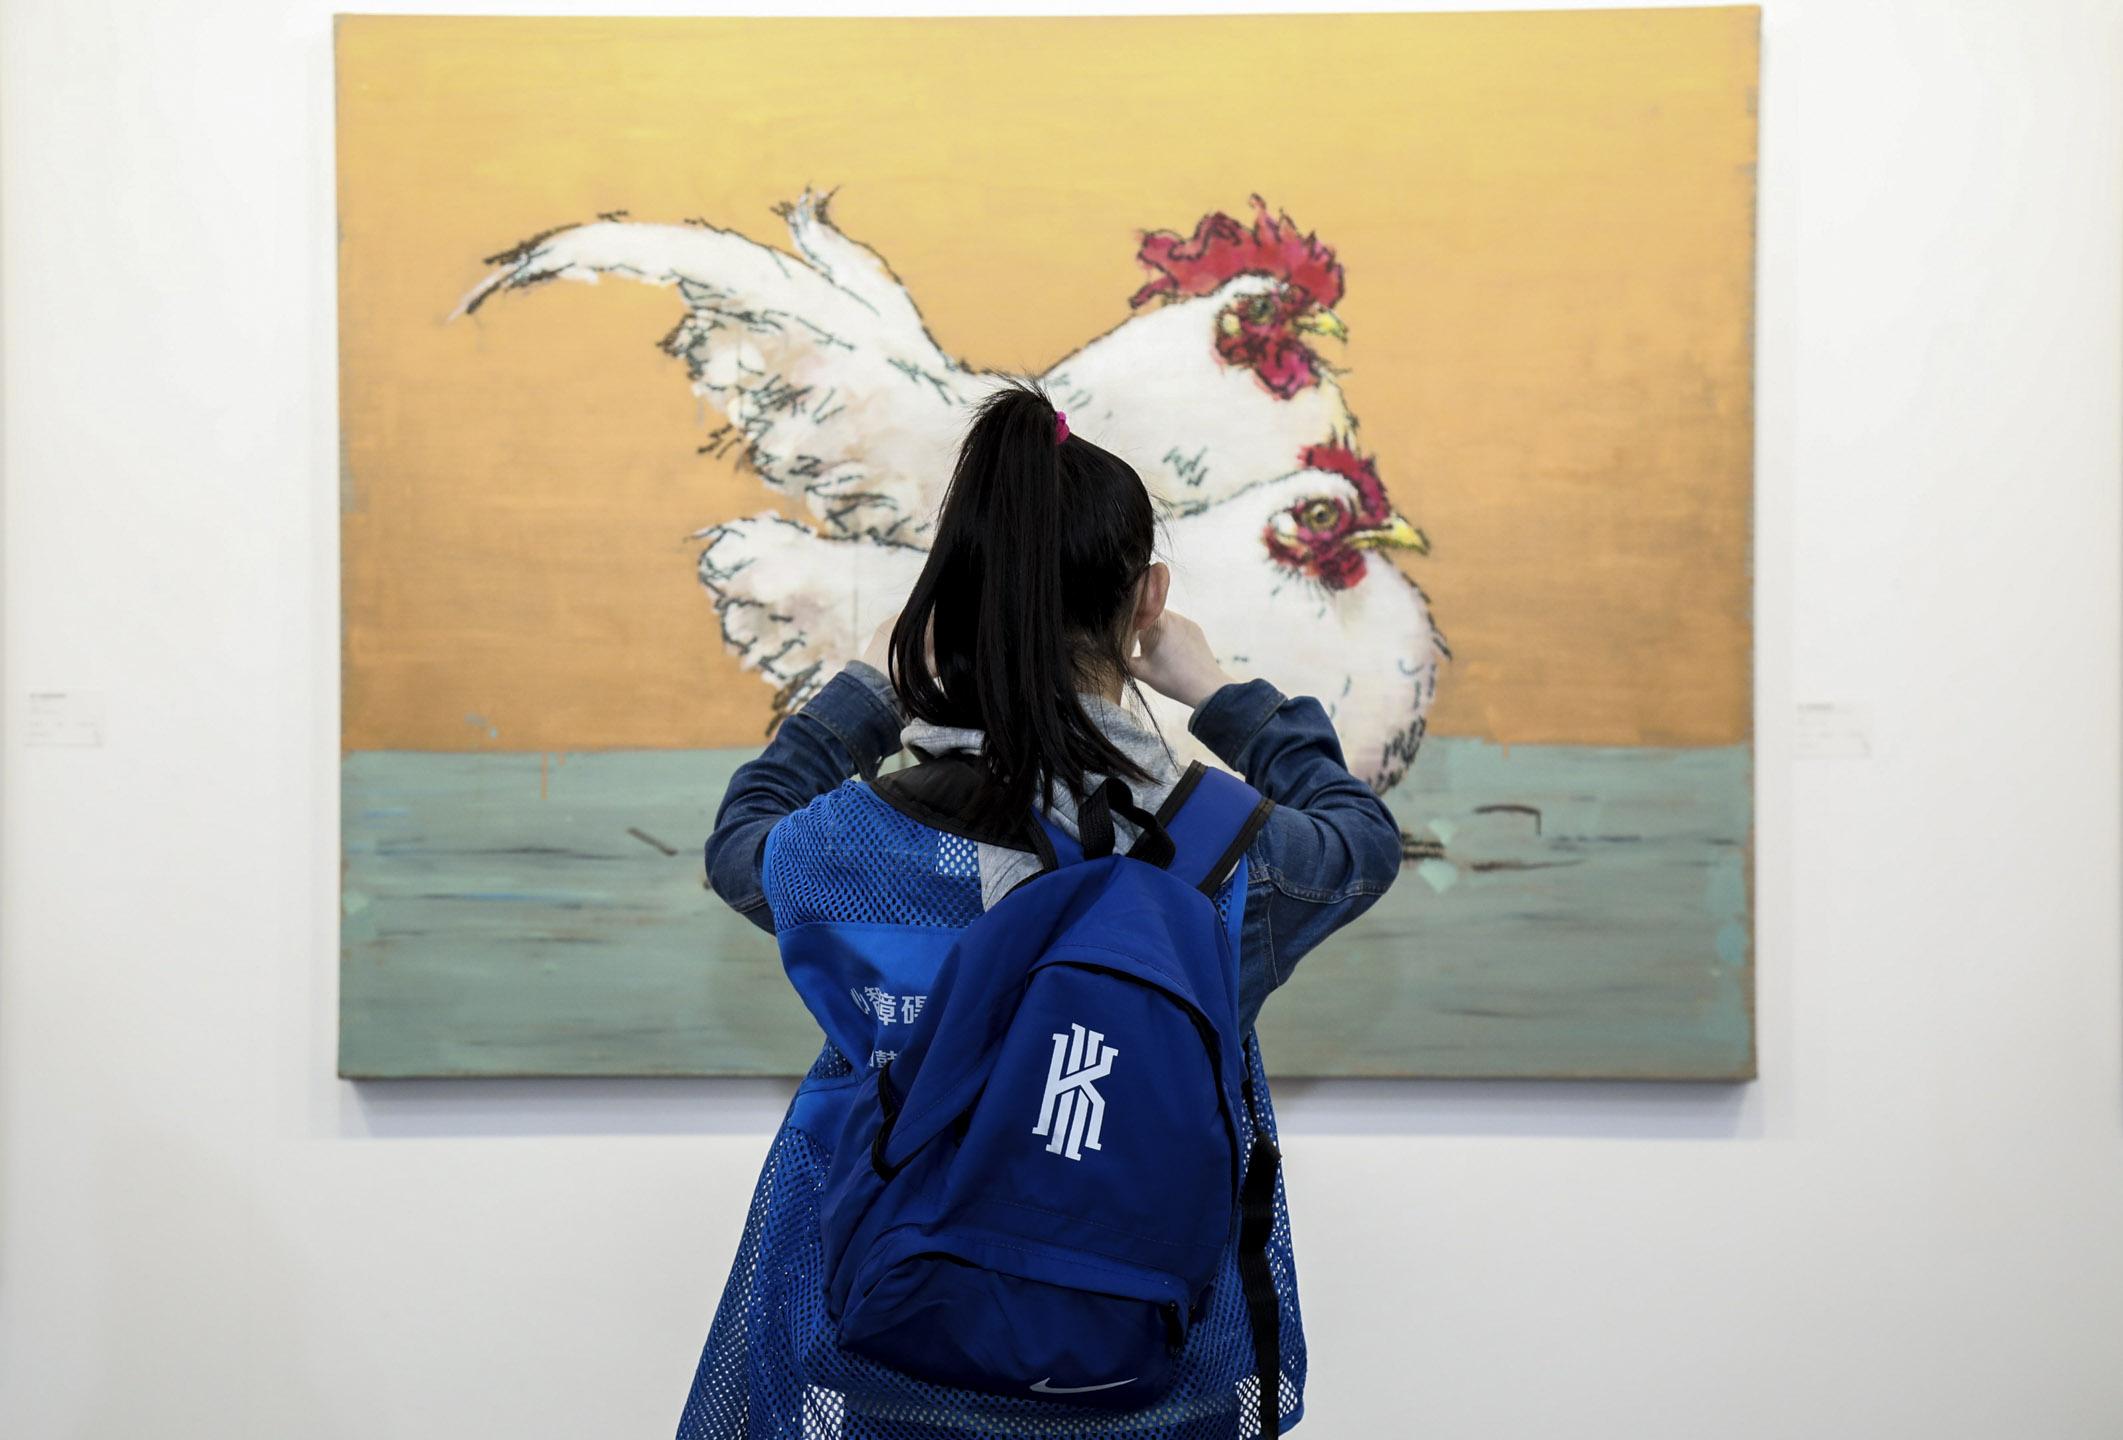 「藝術成都 Art Chendu」是中國西南部地區,有史以來第一個國際型的藝術博覽會,從規模來看,並不足以吸引人,僅有31間畫廊參與,但細看名單,絕大部分是曾參與Art Basel Hong Kong以北京和上海為根據地的畫廊。 圖片來源:藝術成都提供